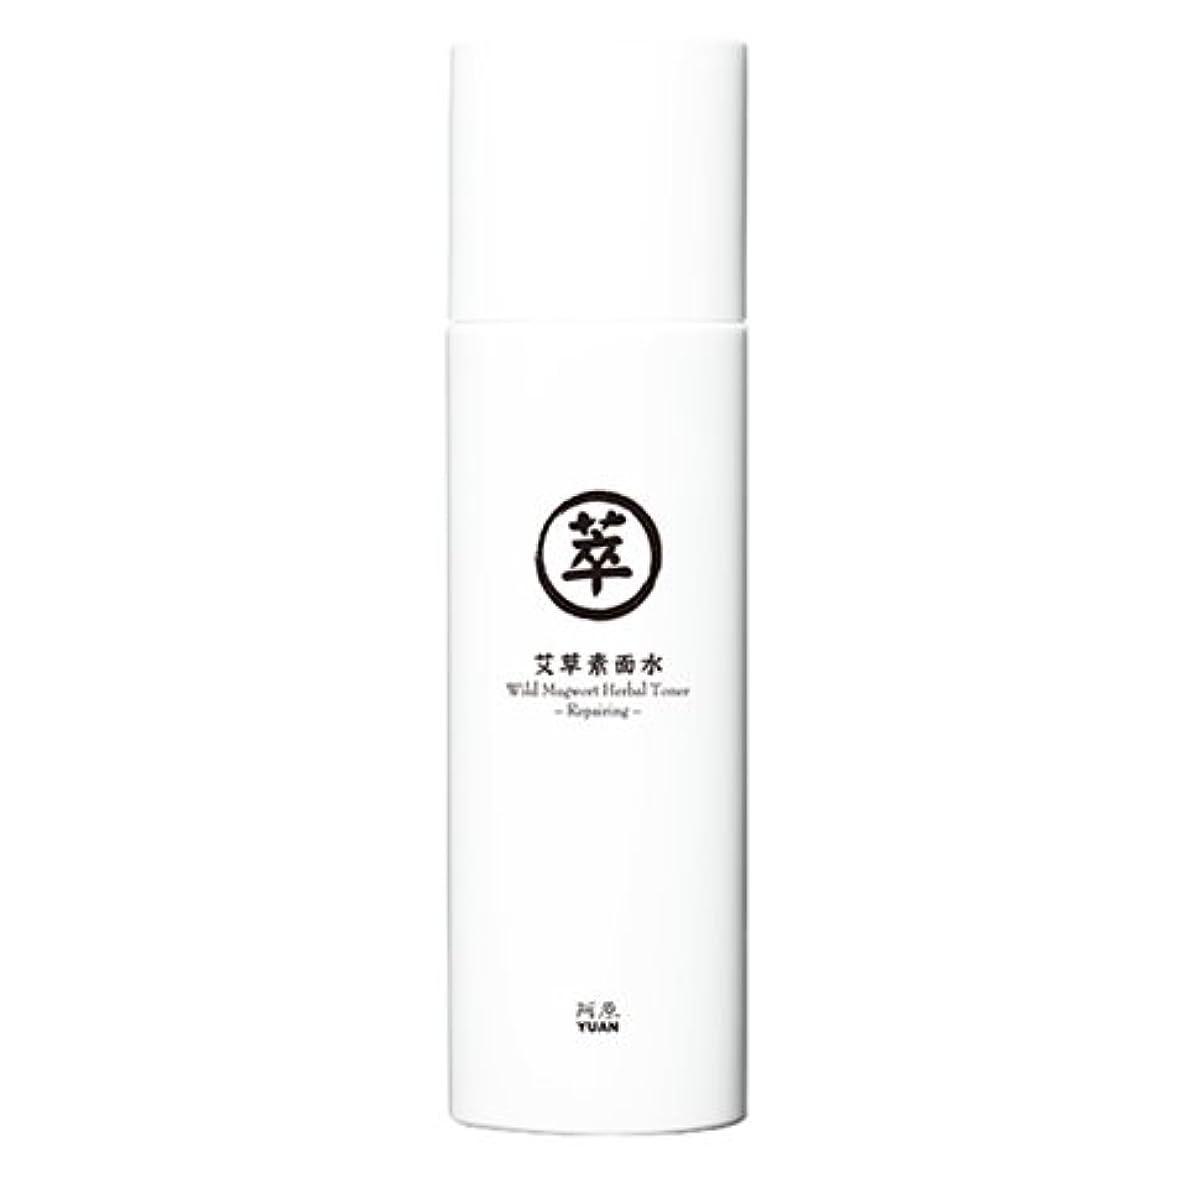 息切れマトリックスちょっと待ってユアン(YUAN)ヨモギ化粧水 150ml(阿原 ユアンソープ 台湾コスメ)